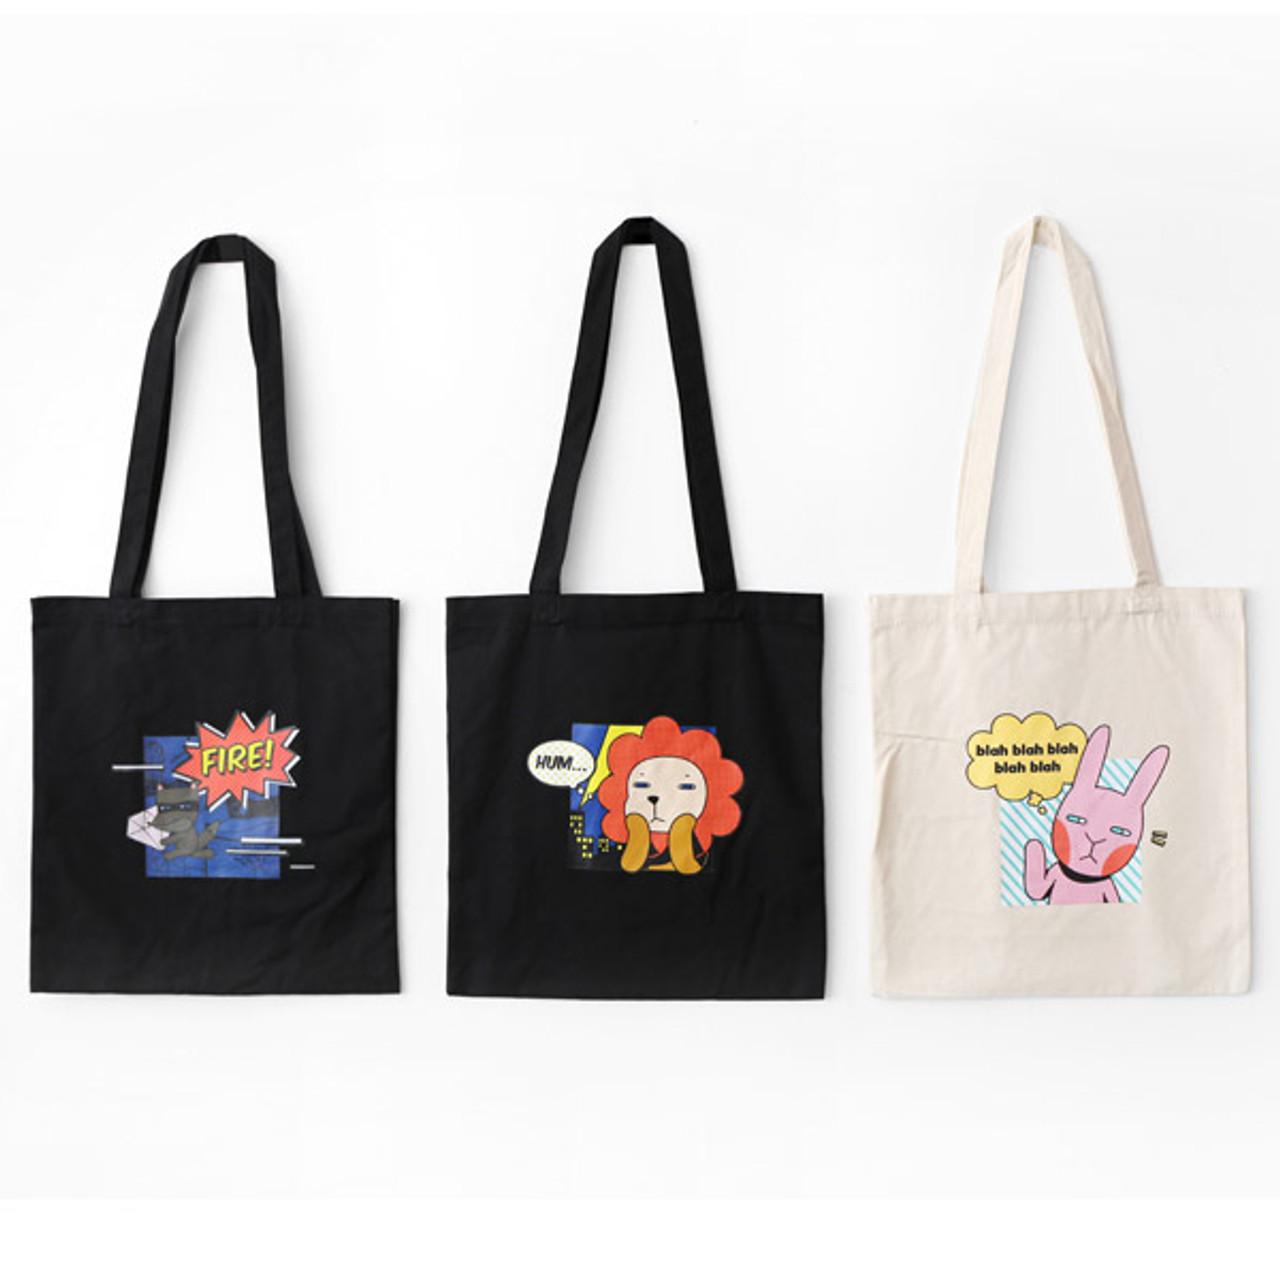 c025a8a94 Romane Hellogeeks pop art eco tote bag - fallindesign.com